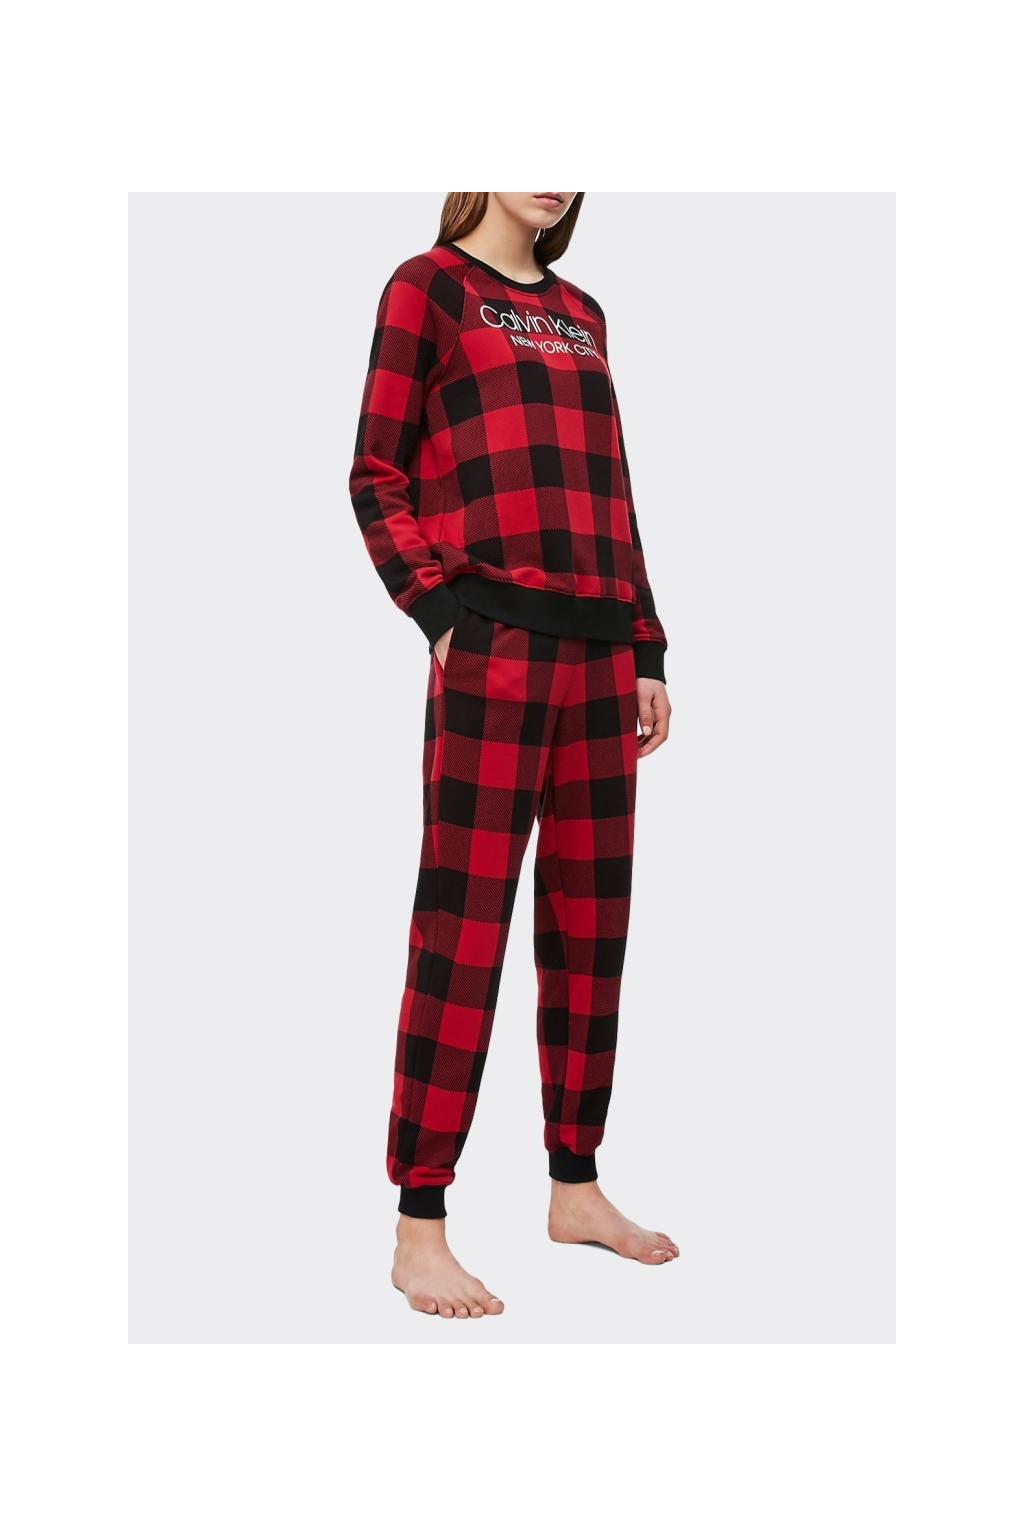 Calvin Klein Modern Cotton dámské tepláky - černá/červená